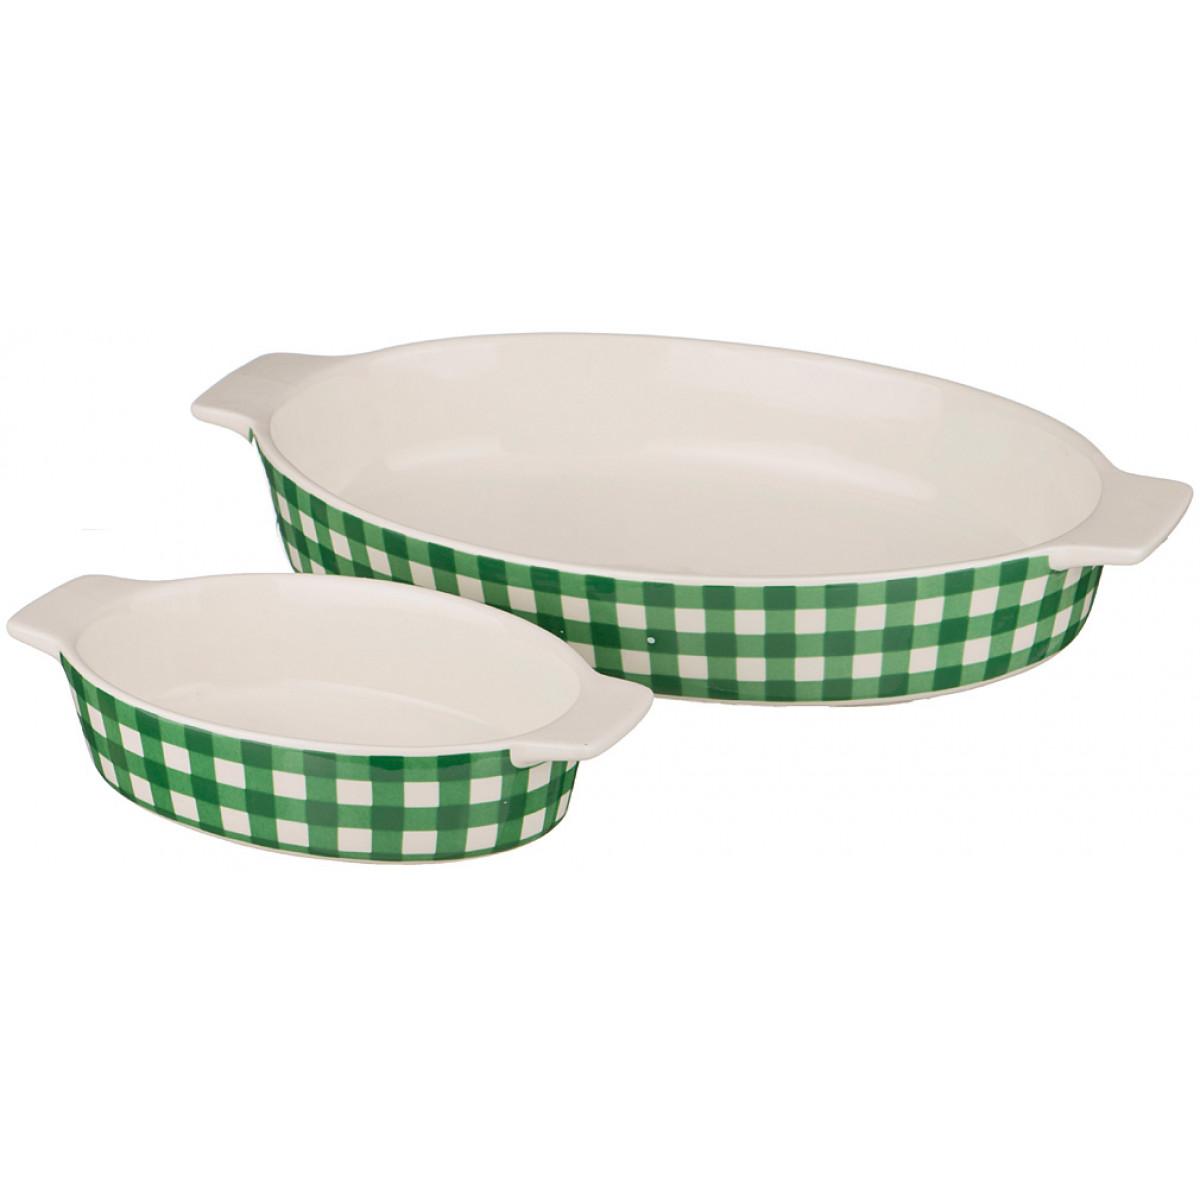 {} Agness Блюдо для запекания Deion  (Набор) kitchenaid набор прямоугольных чаш для запекания 0 45 л 2 шт красные